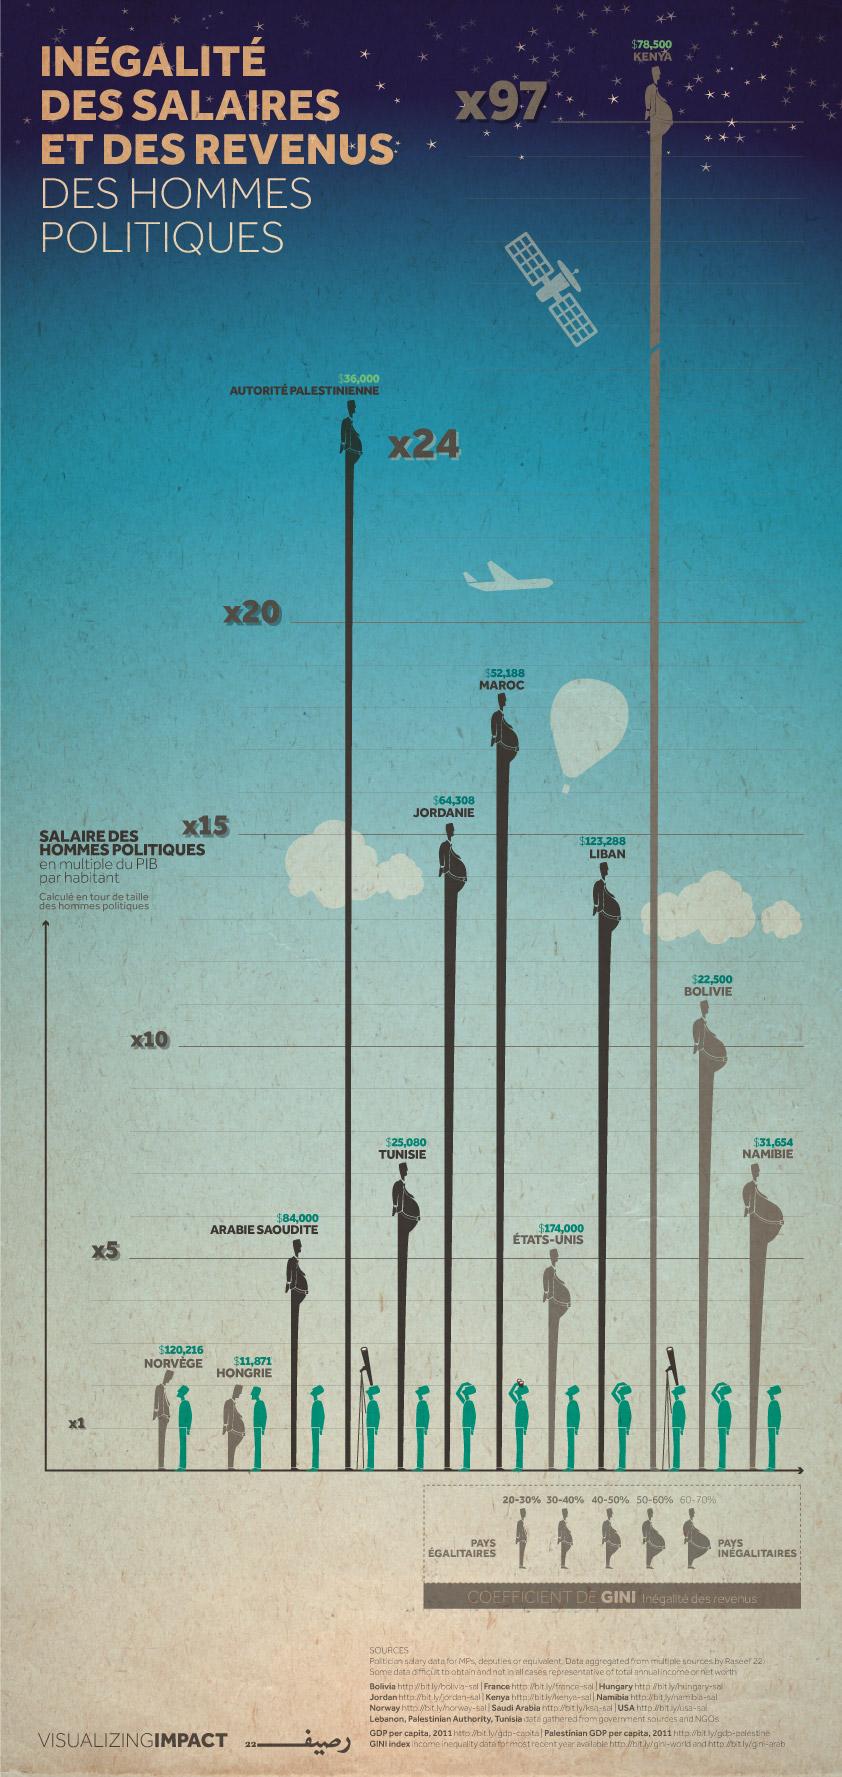 Les politiciens les salaires